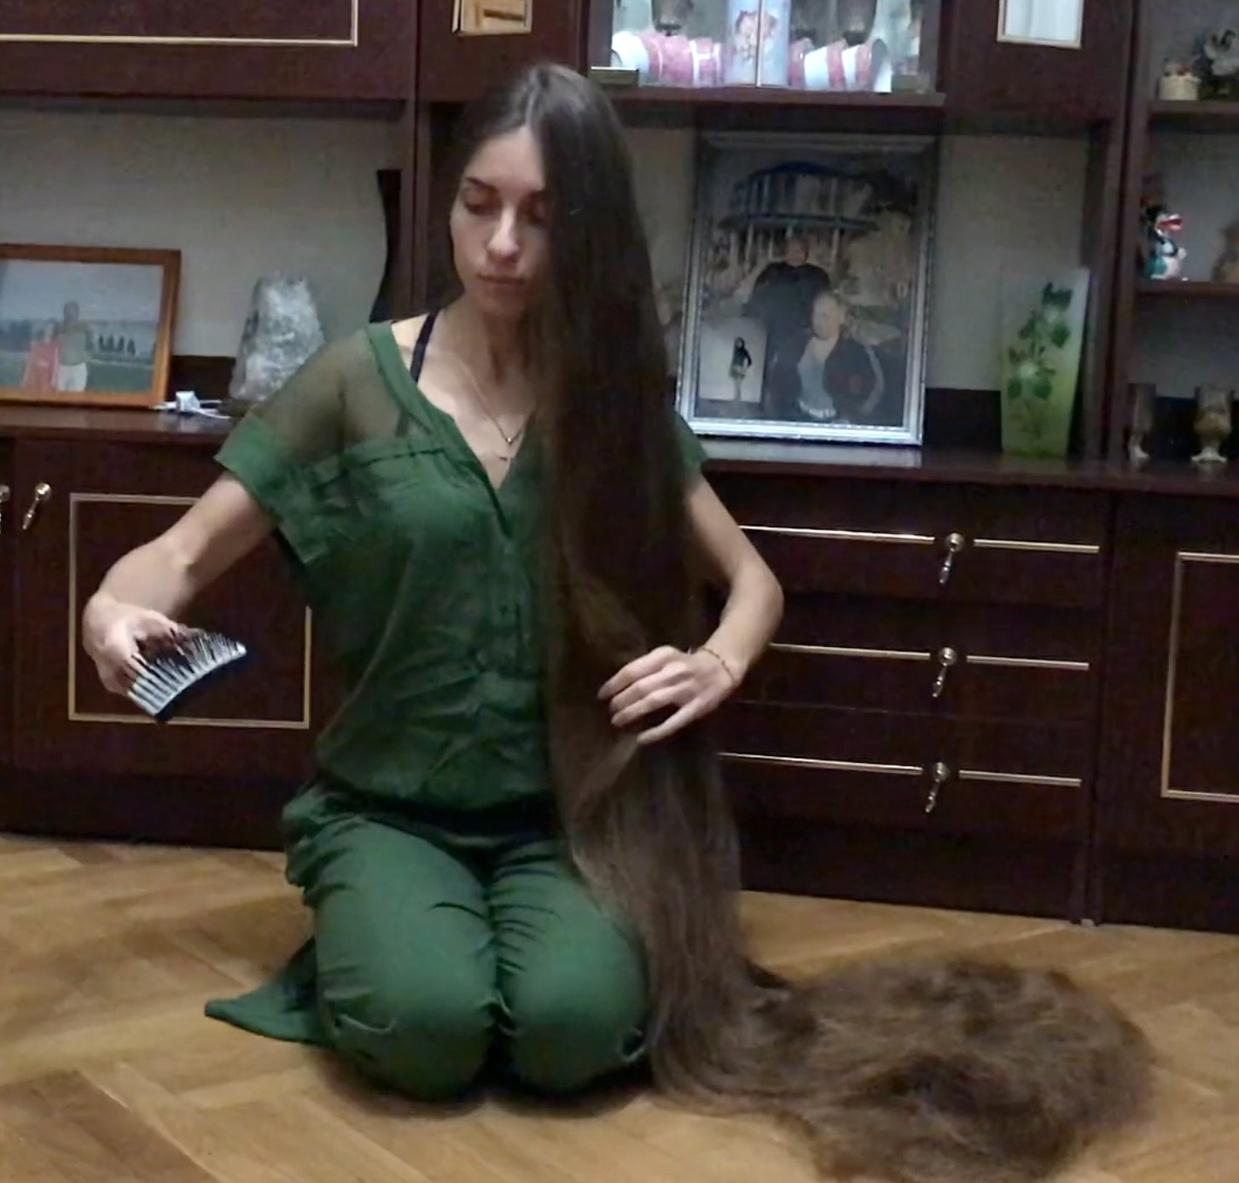 VIDEO - Floor show